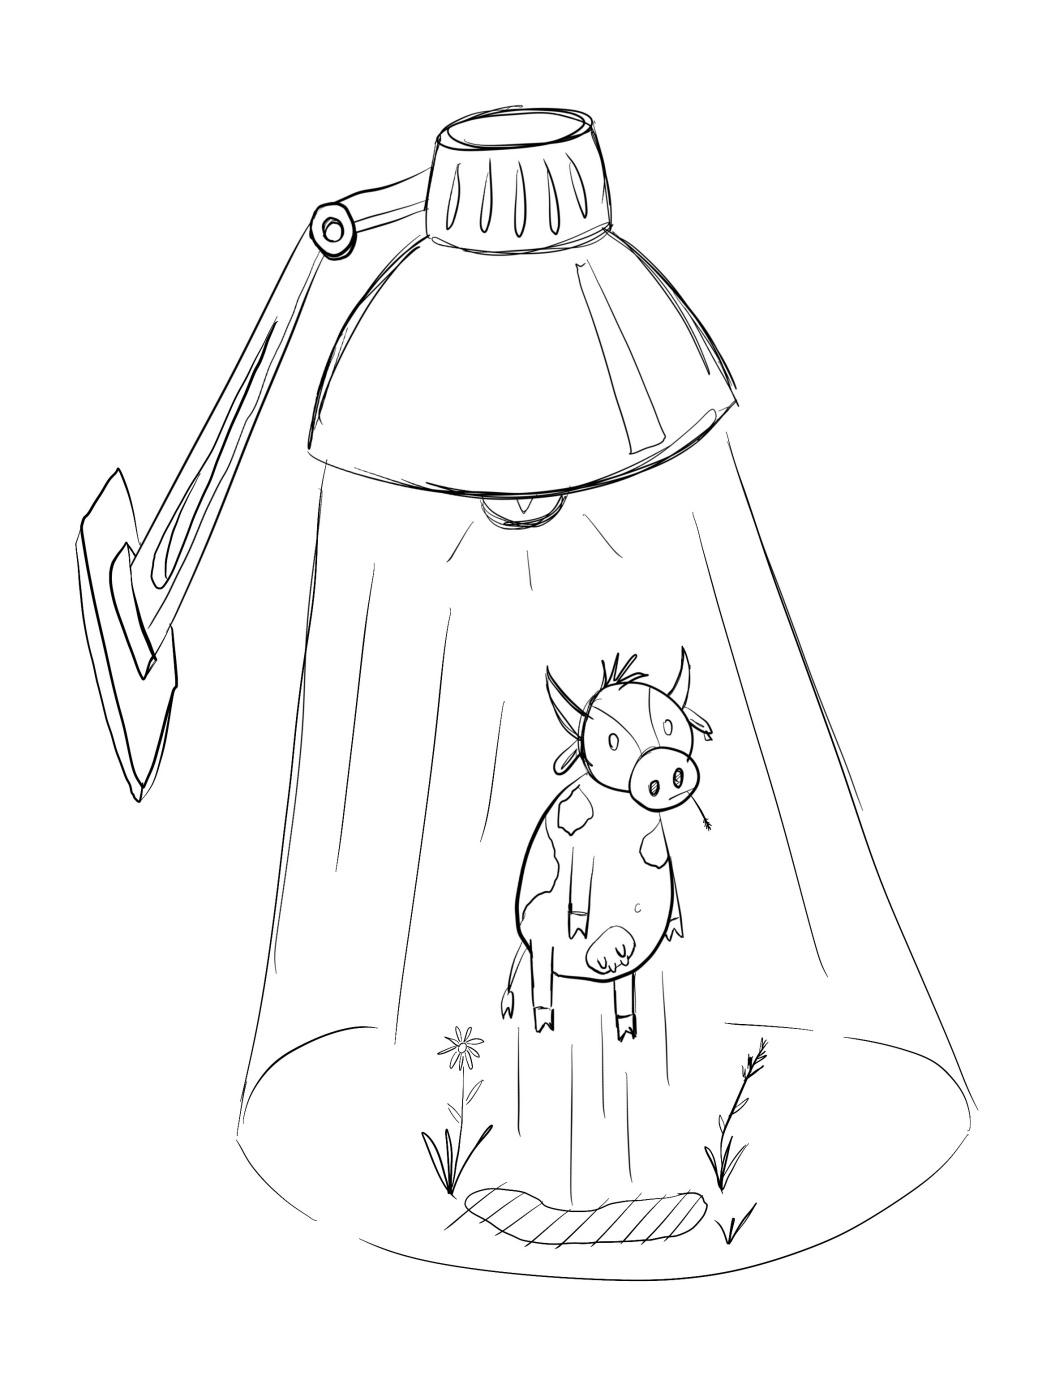 Lera Ec1air. 5 min sketch